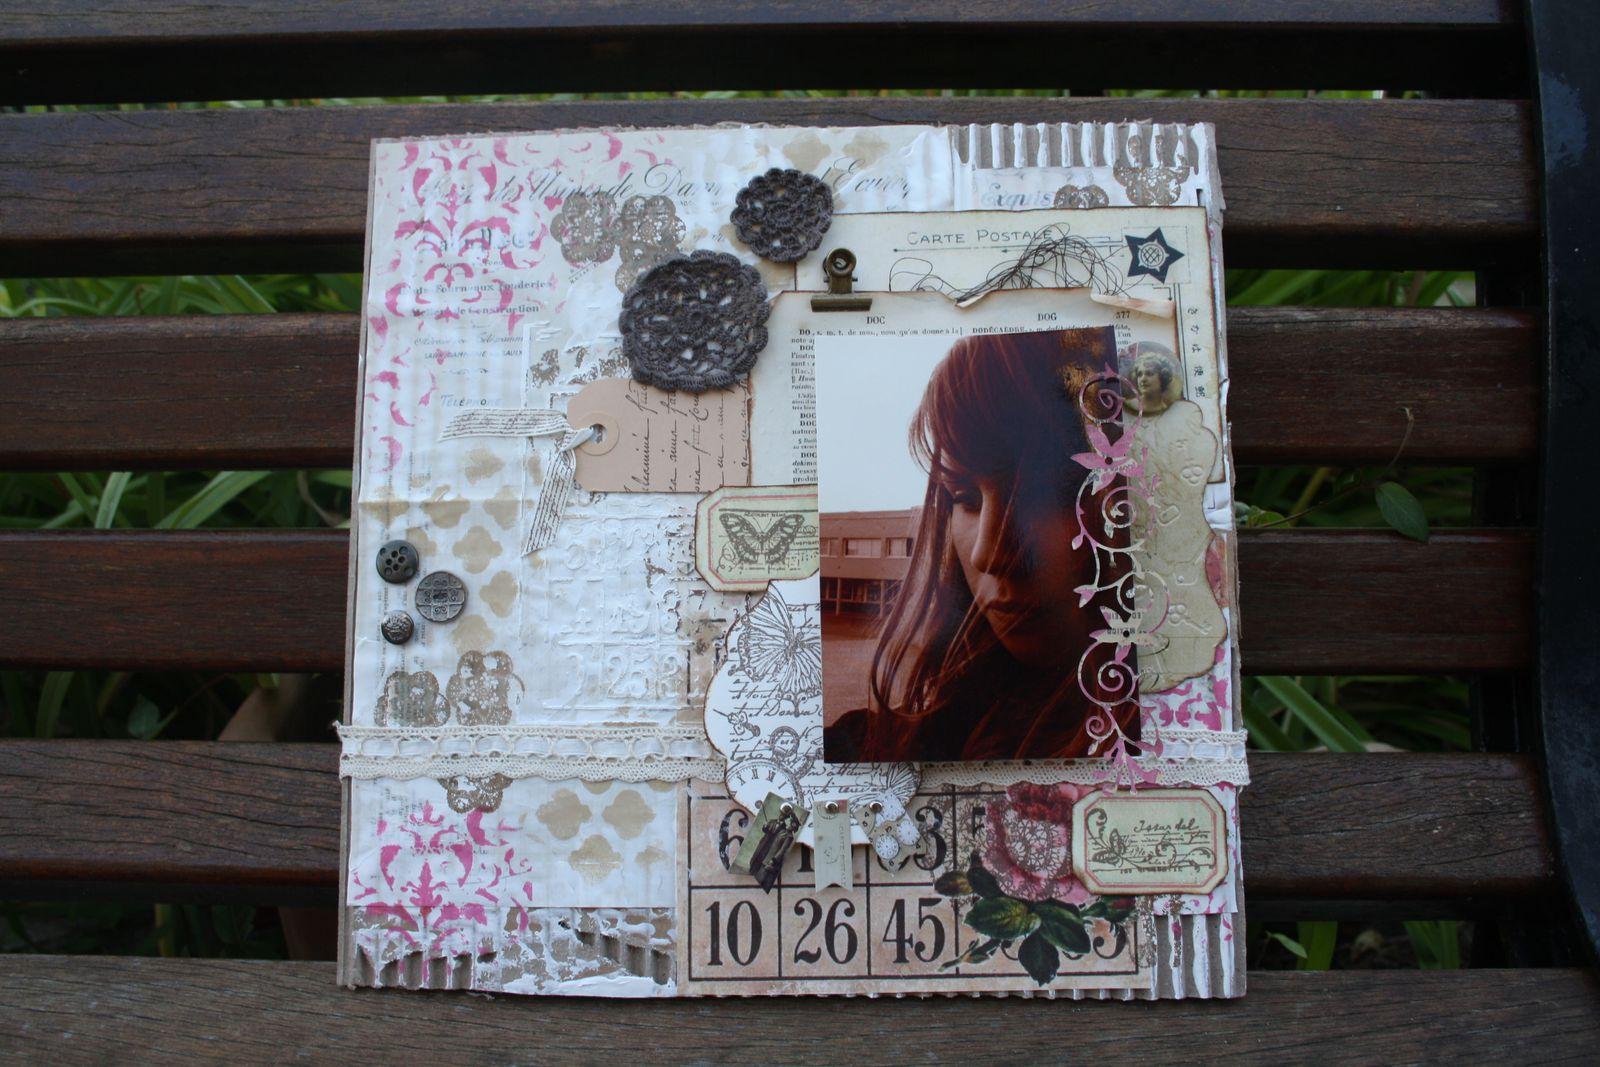 Made by Carole : Chloé